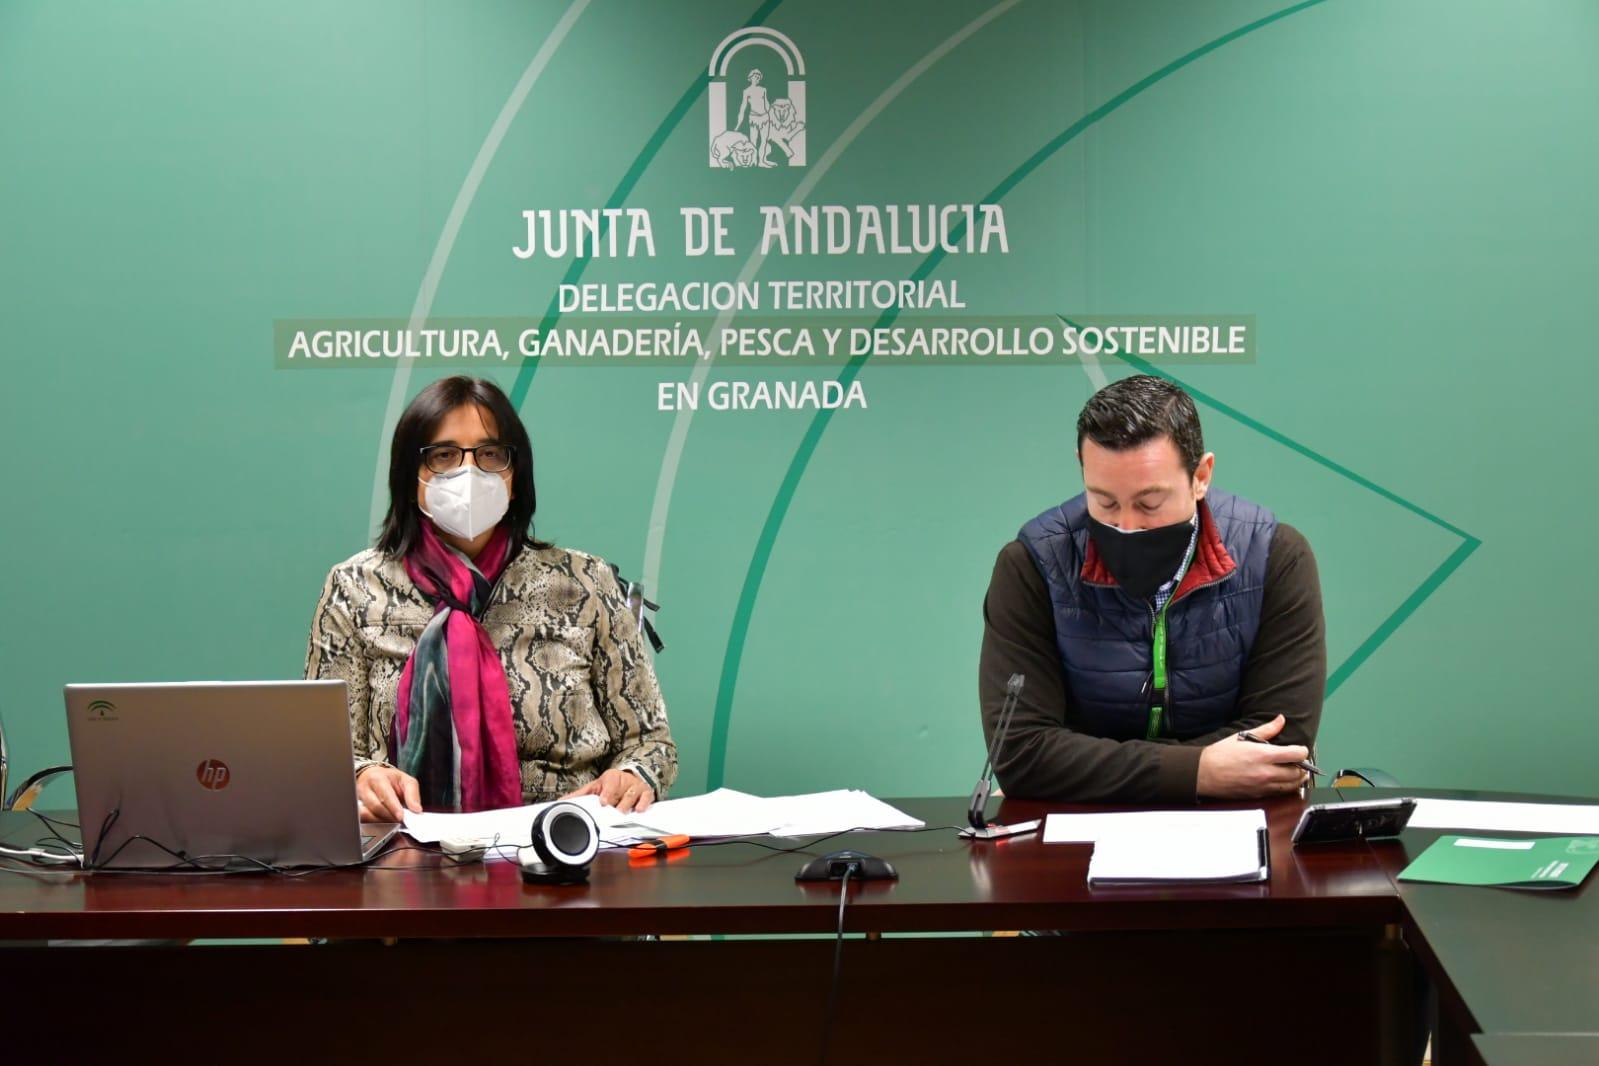 El sector agrario granadino afectado por el COVID19 recibe 2,9 millones en ayudas